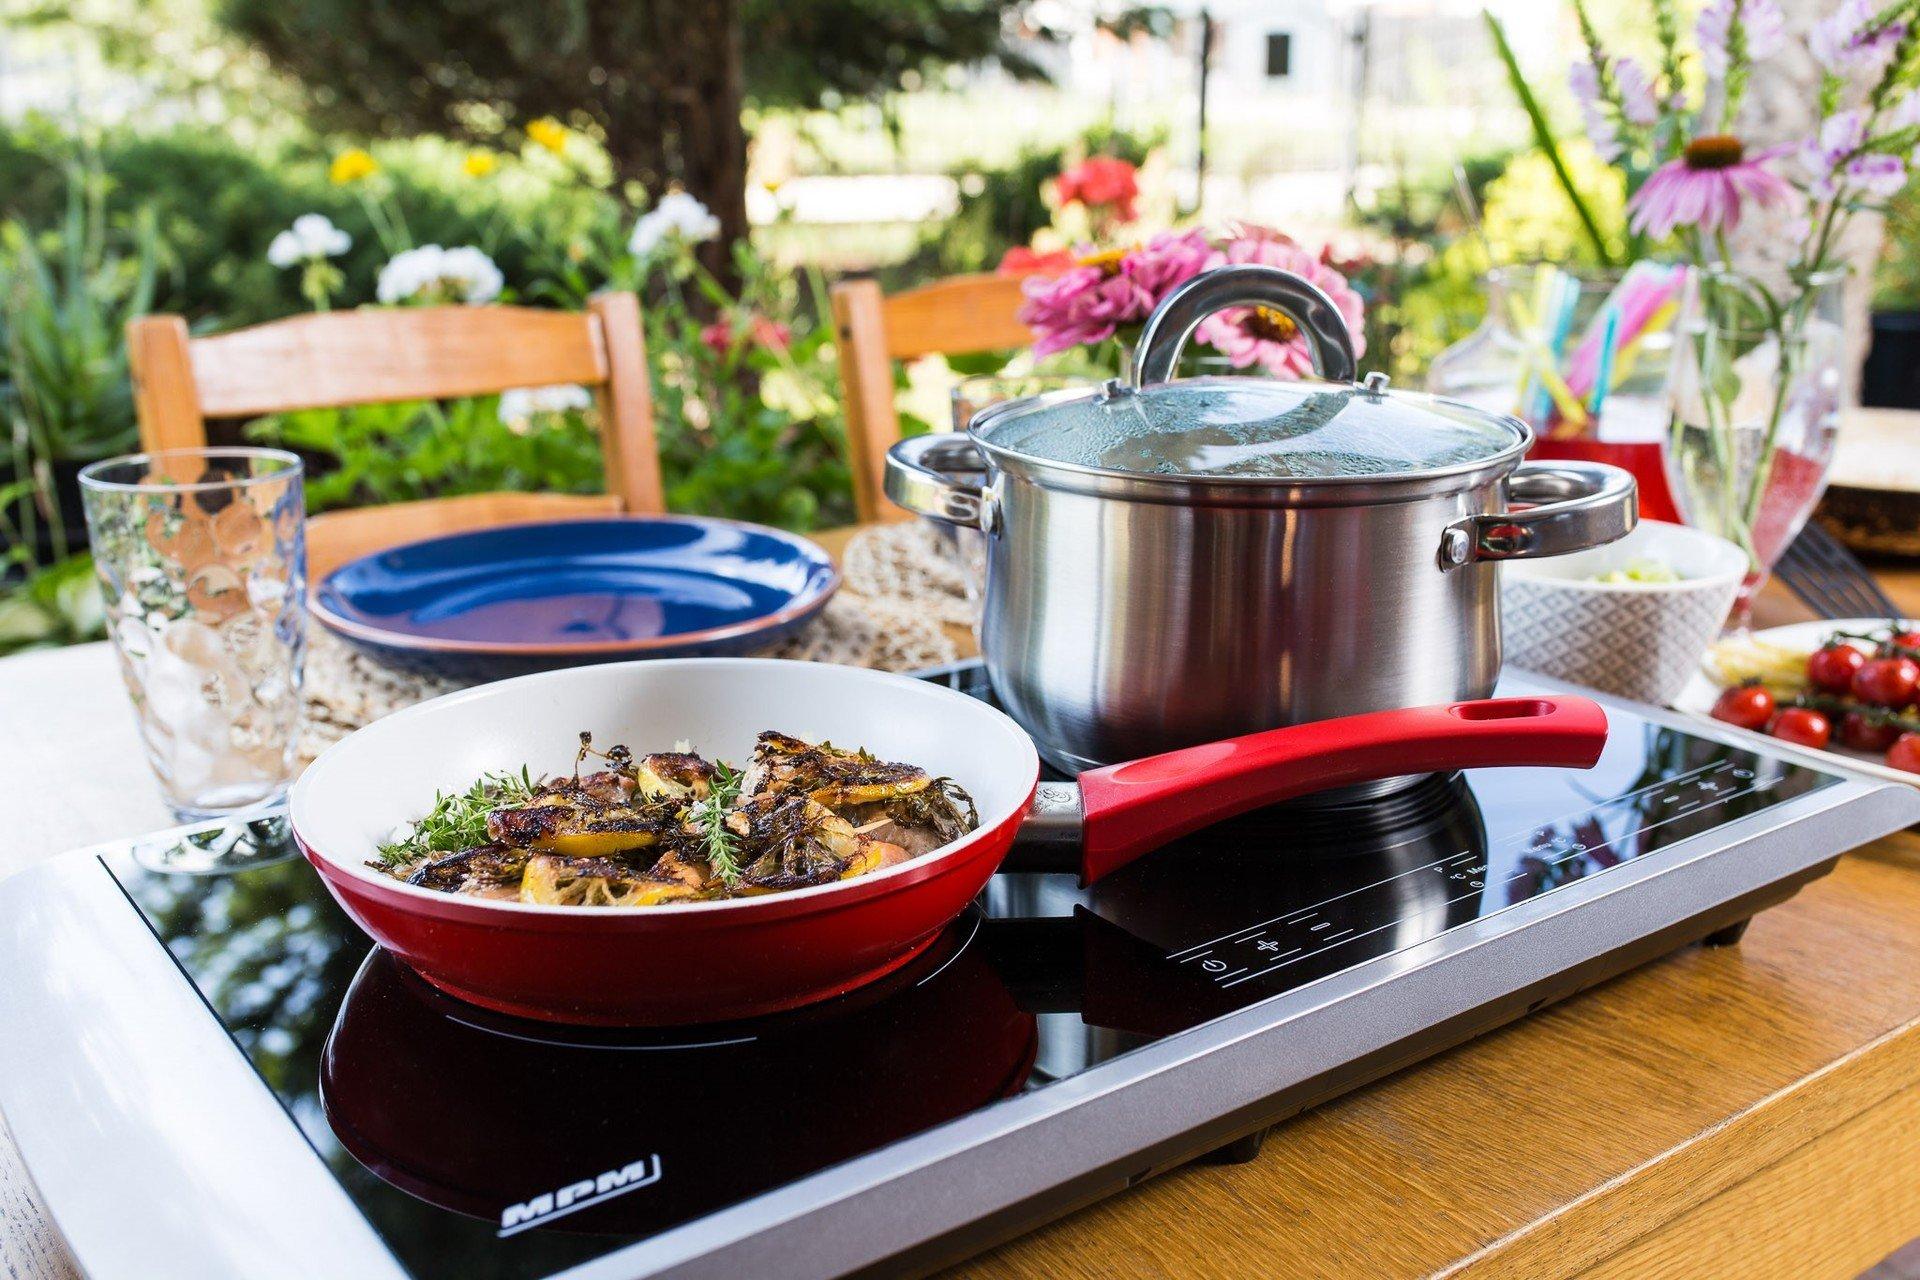 Niezbędnik rodzinnego wypadu na kemping. Przedstawiamy kuchenkę indukcyjną marki MPM z dwoma polami grzejnymi.